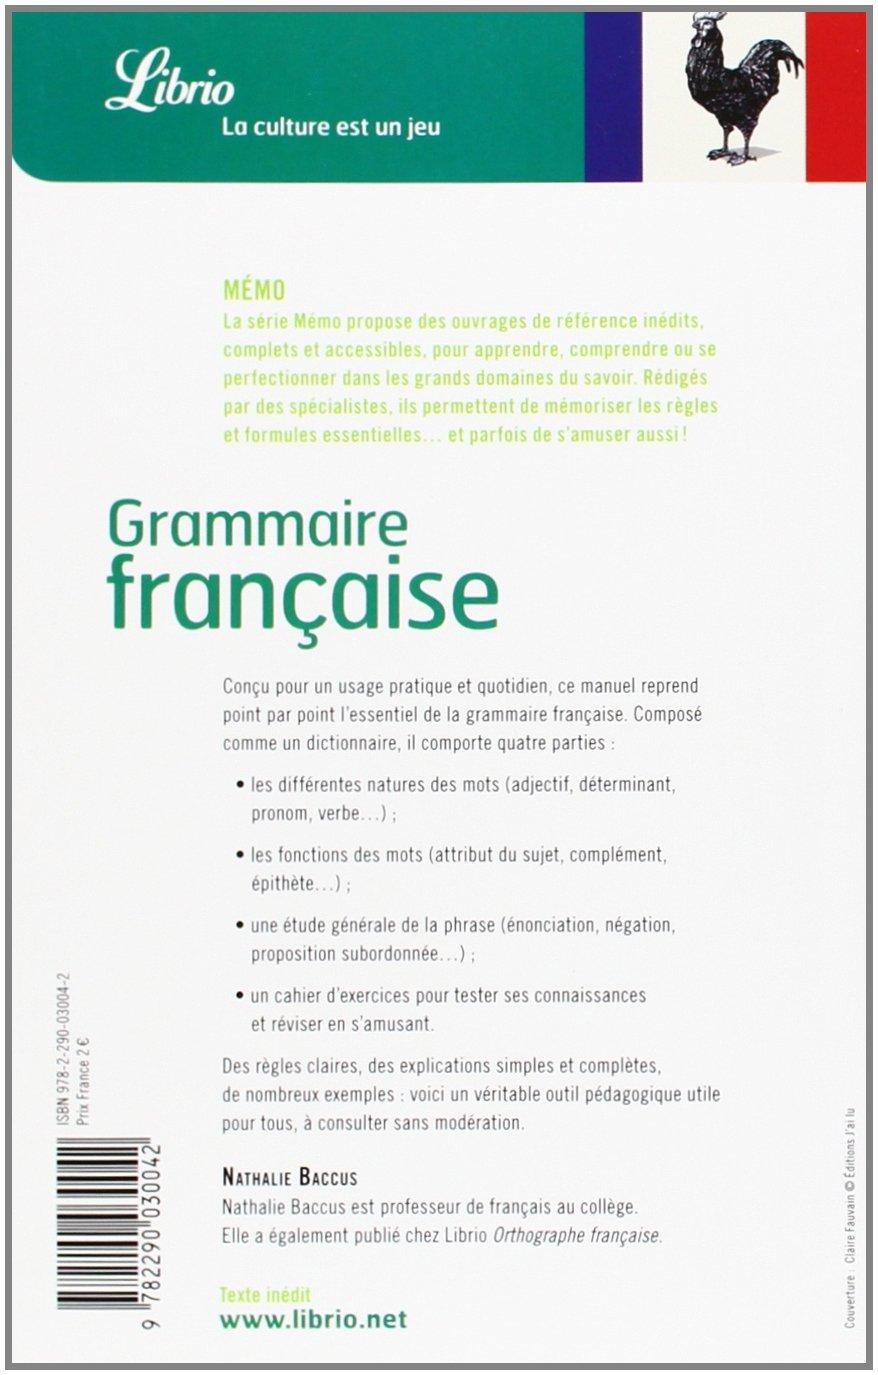 Grammaire française (Librio Mémo): Amazon.es: Nathalie Baccus: Libros en idiomas extranjeros